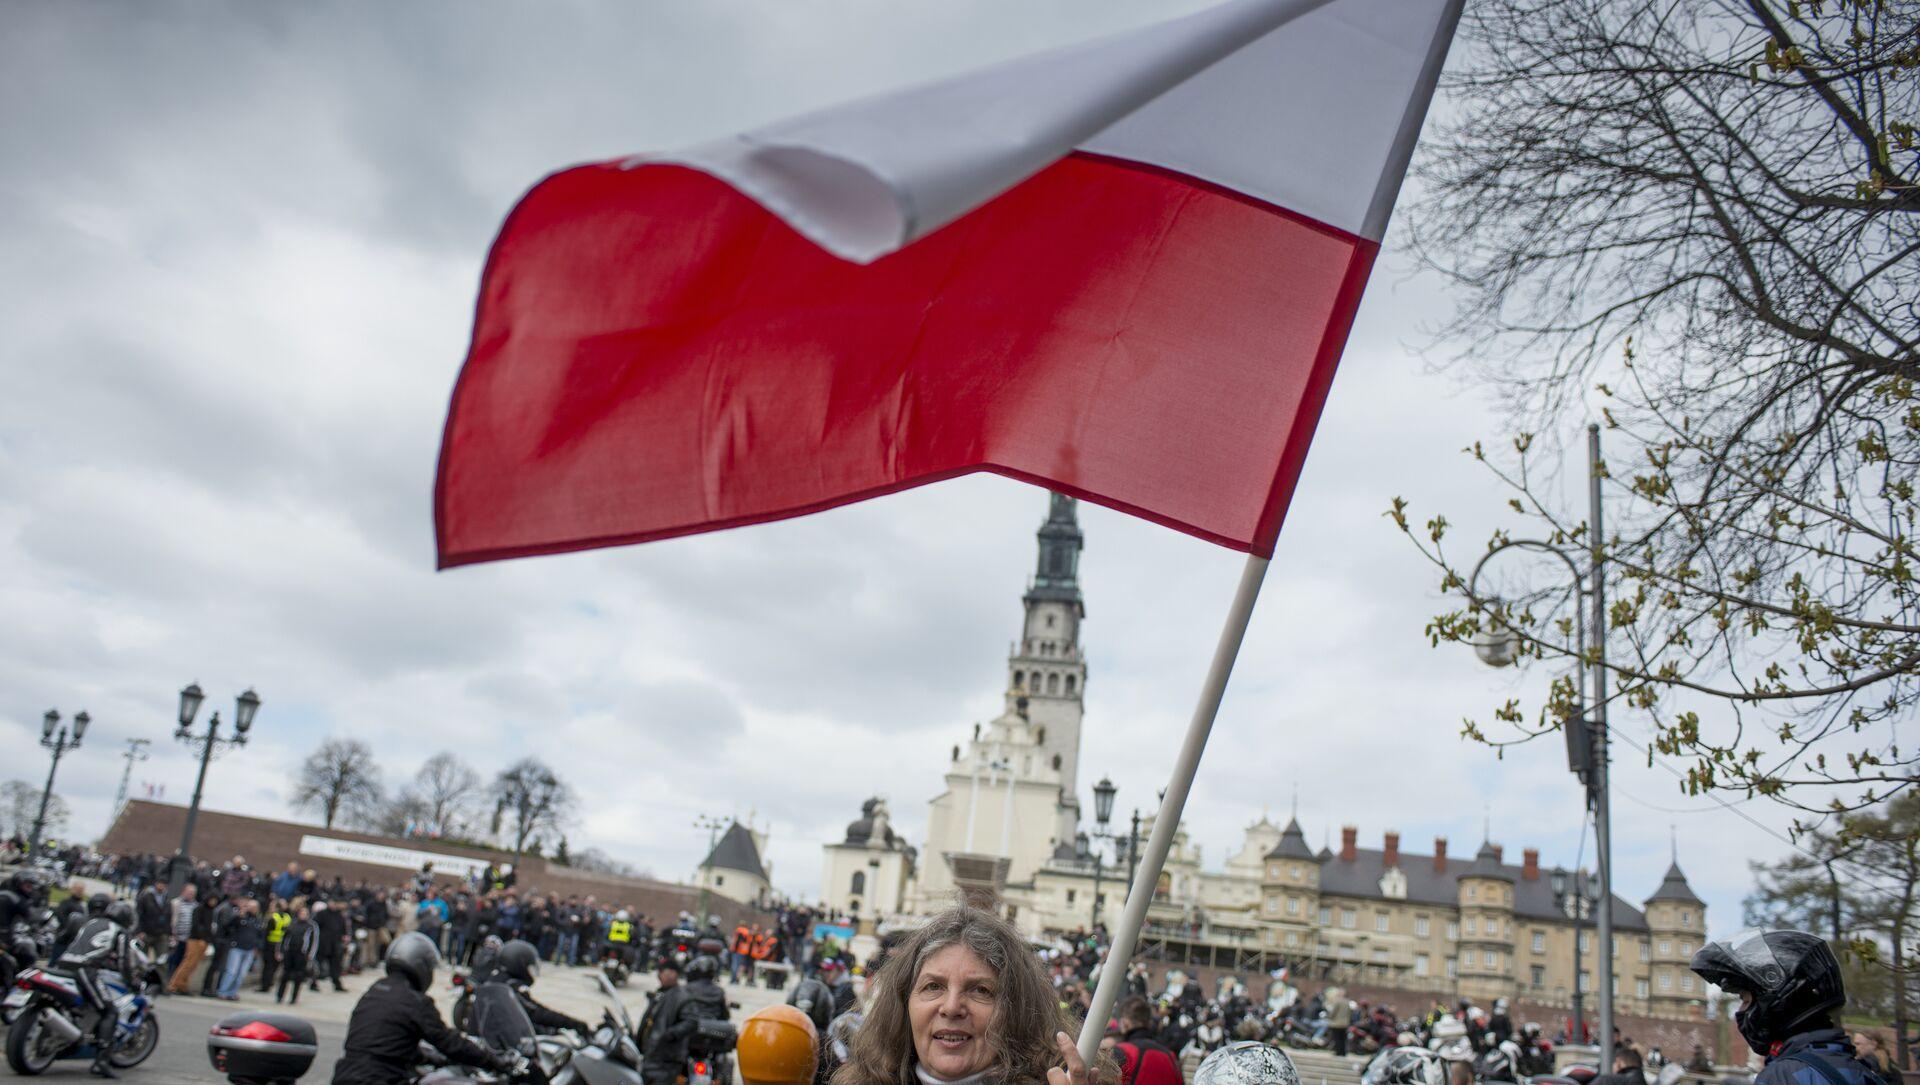 La bandiera della Polonia - Sputnik Italia, 1920, 20.03.2021